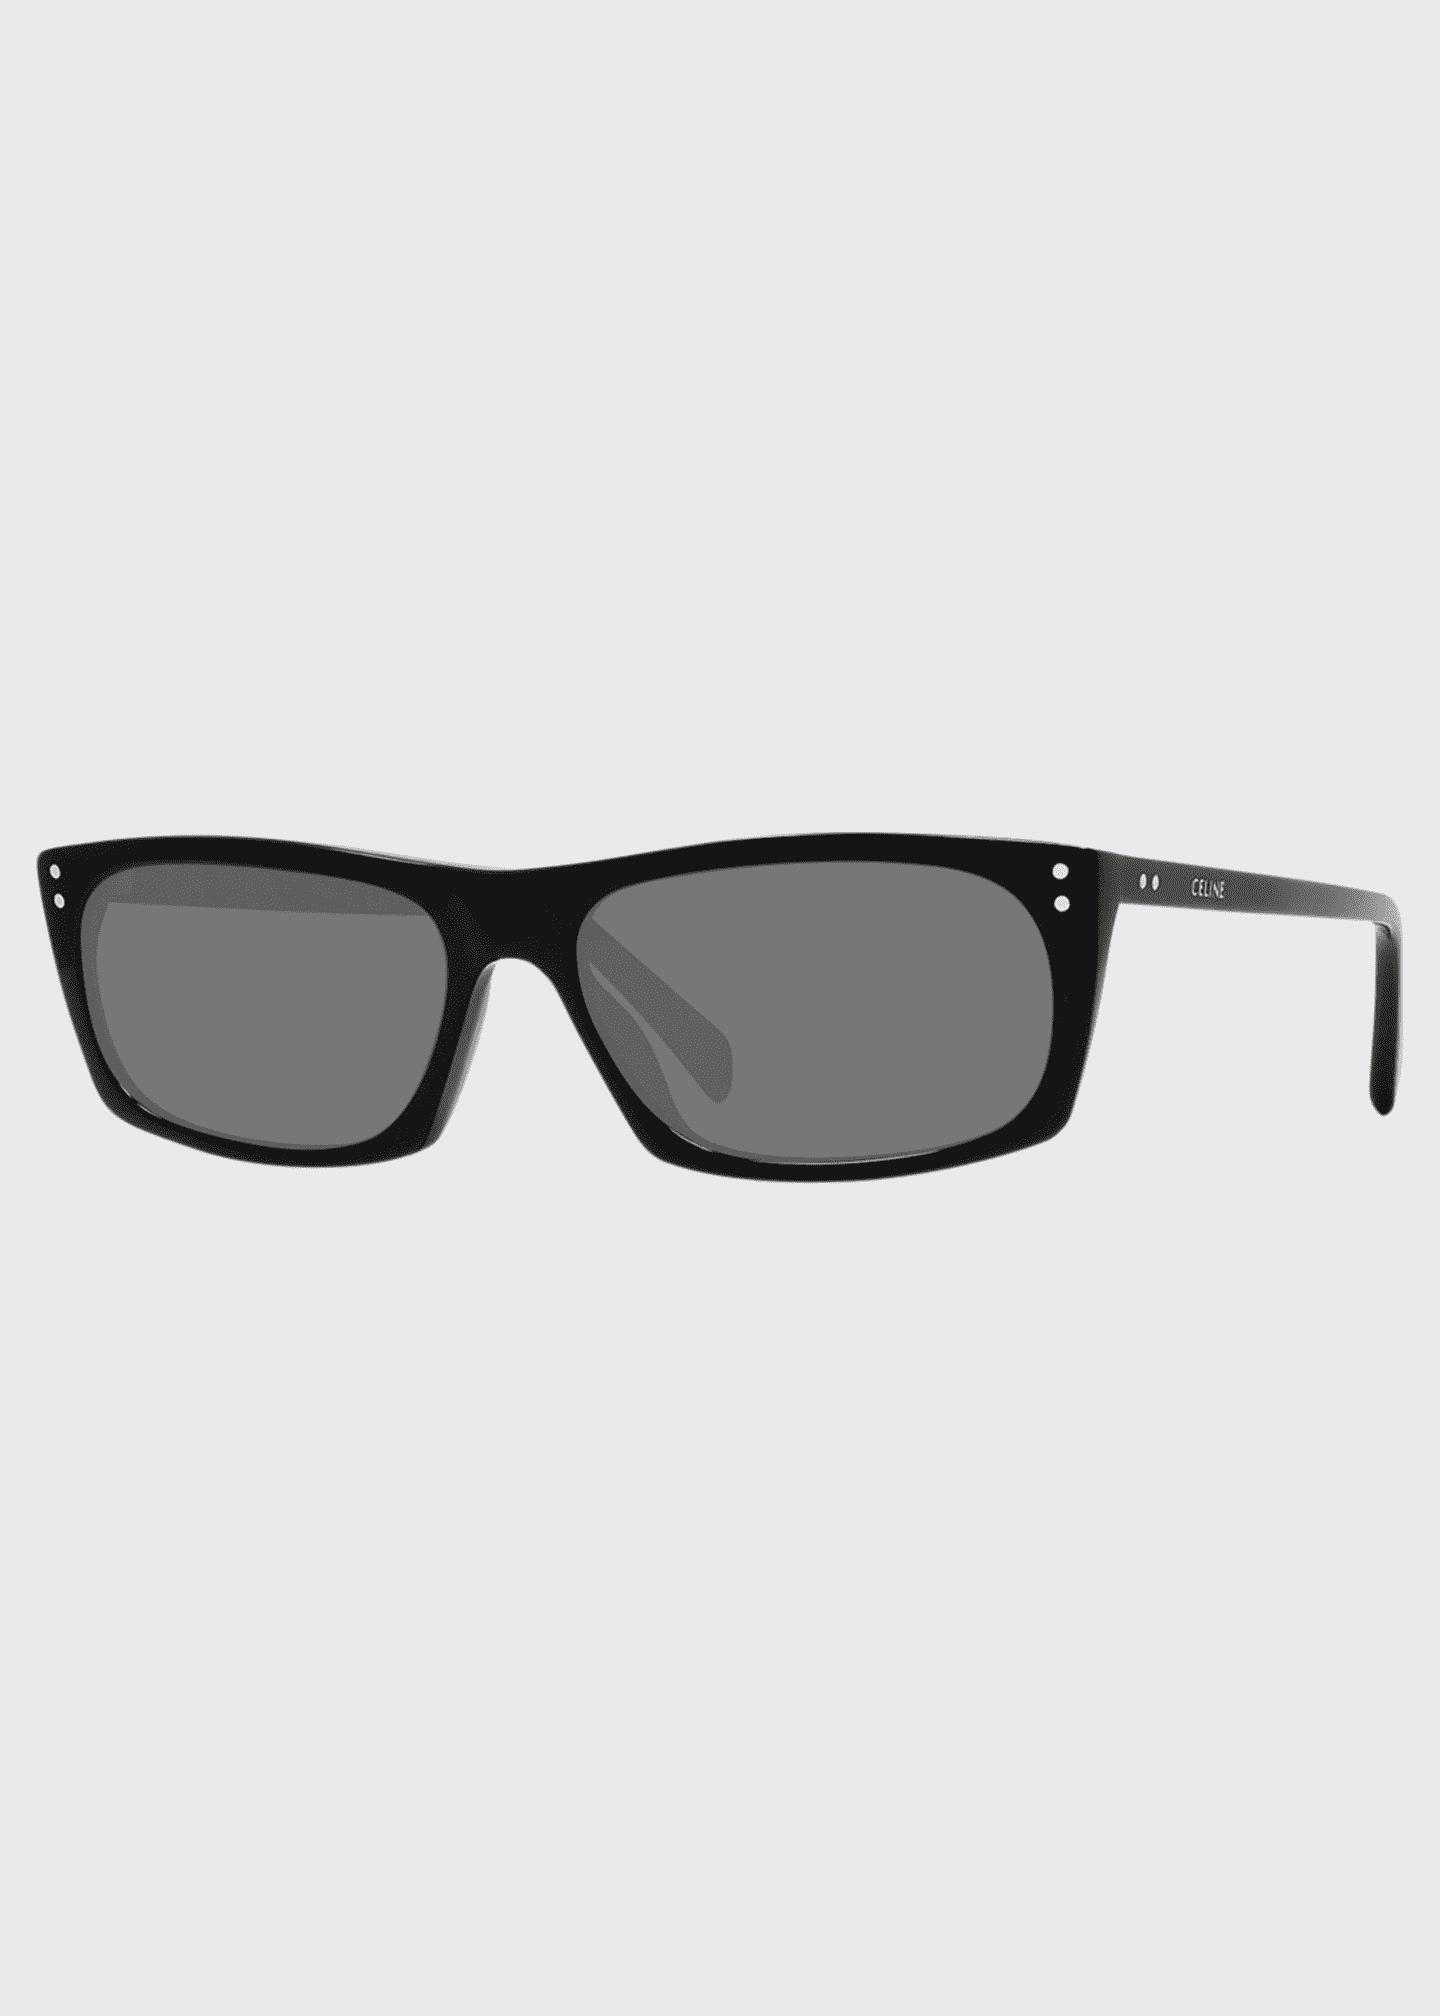 Celine Men's Rectangle Studded Acetate Sunglasses